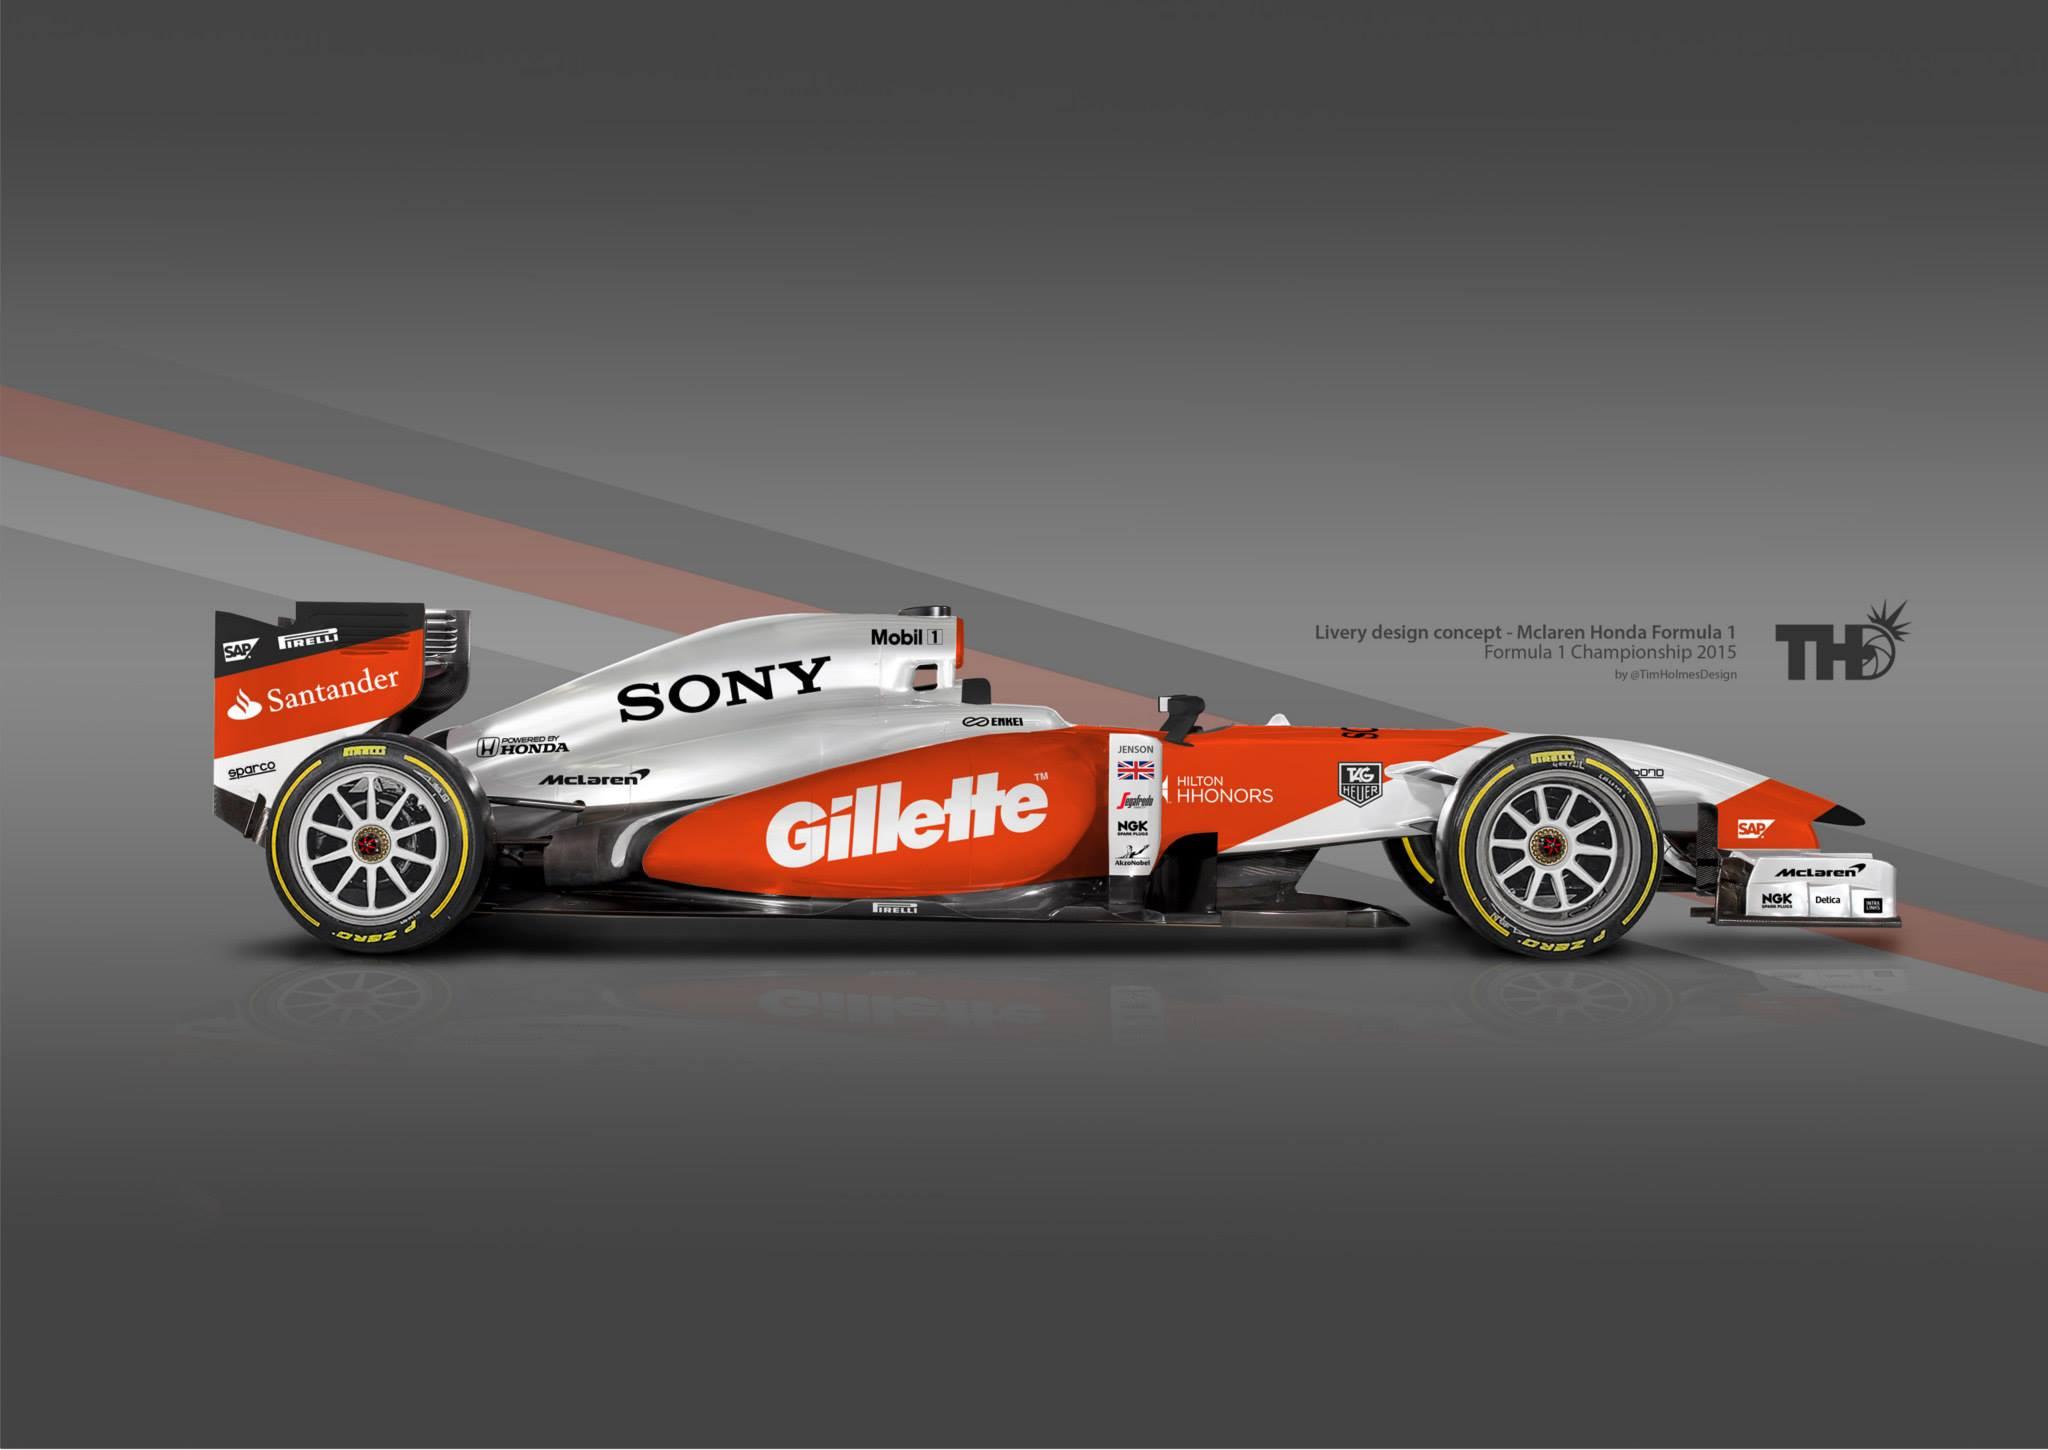 Ezek az F1-es festések mindent vinnének jövőre: Tapsot érdemel az összes!